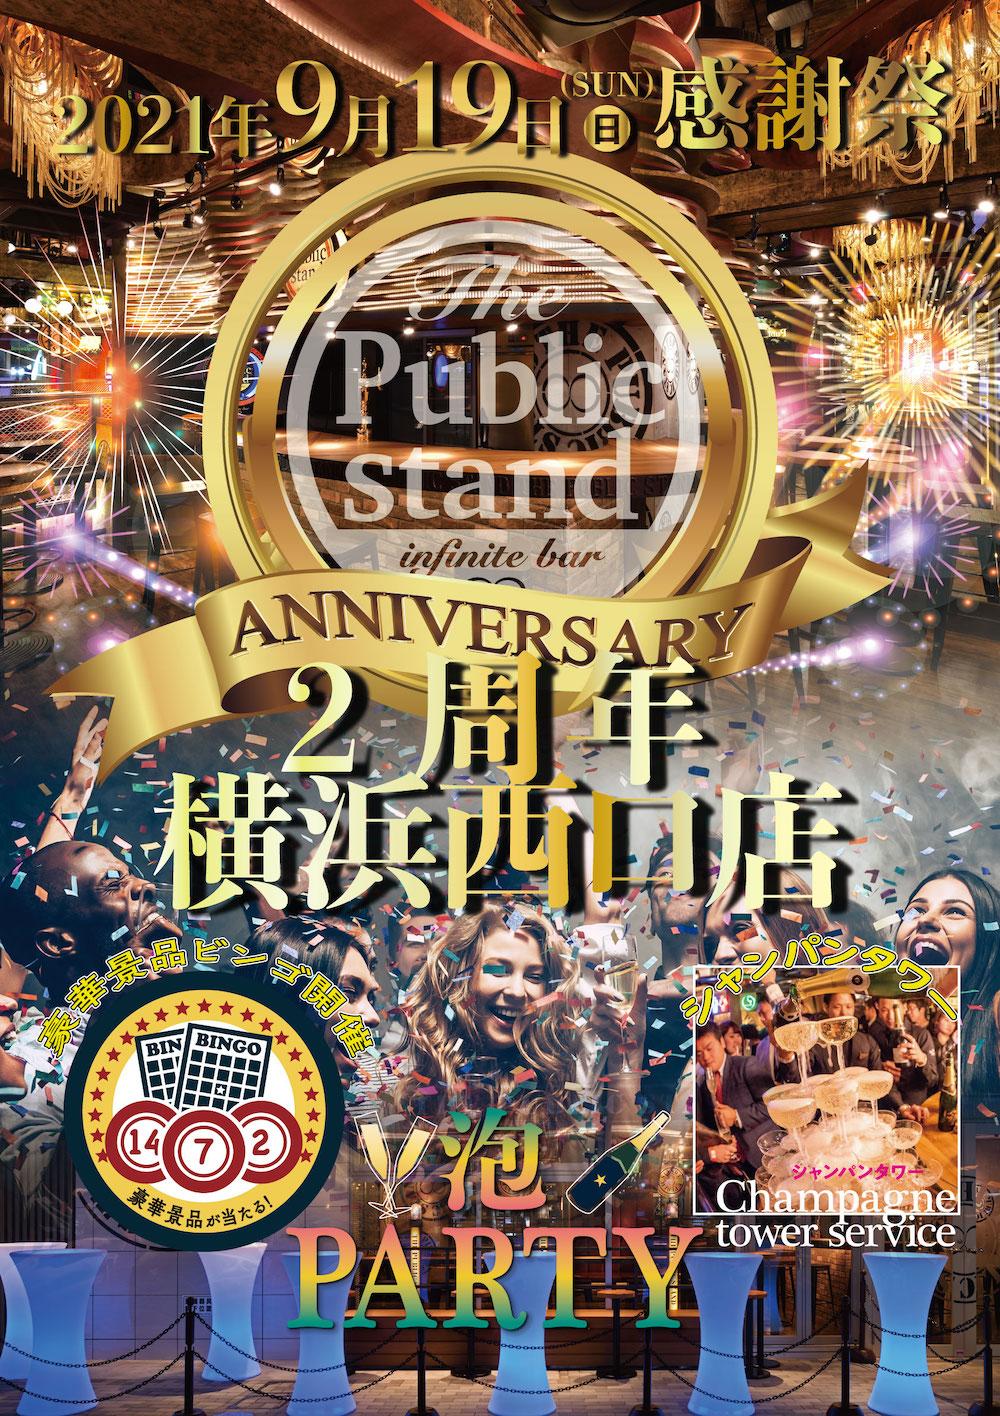 「パブスタ横浜西口店2周年記念感謝祭」開催決定!